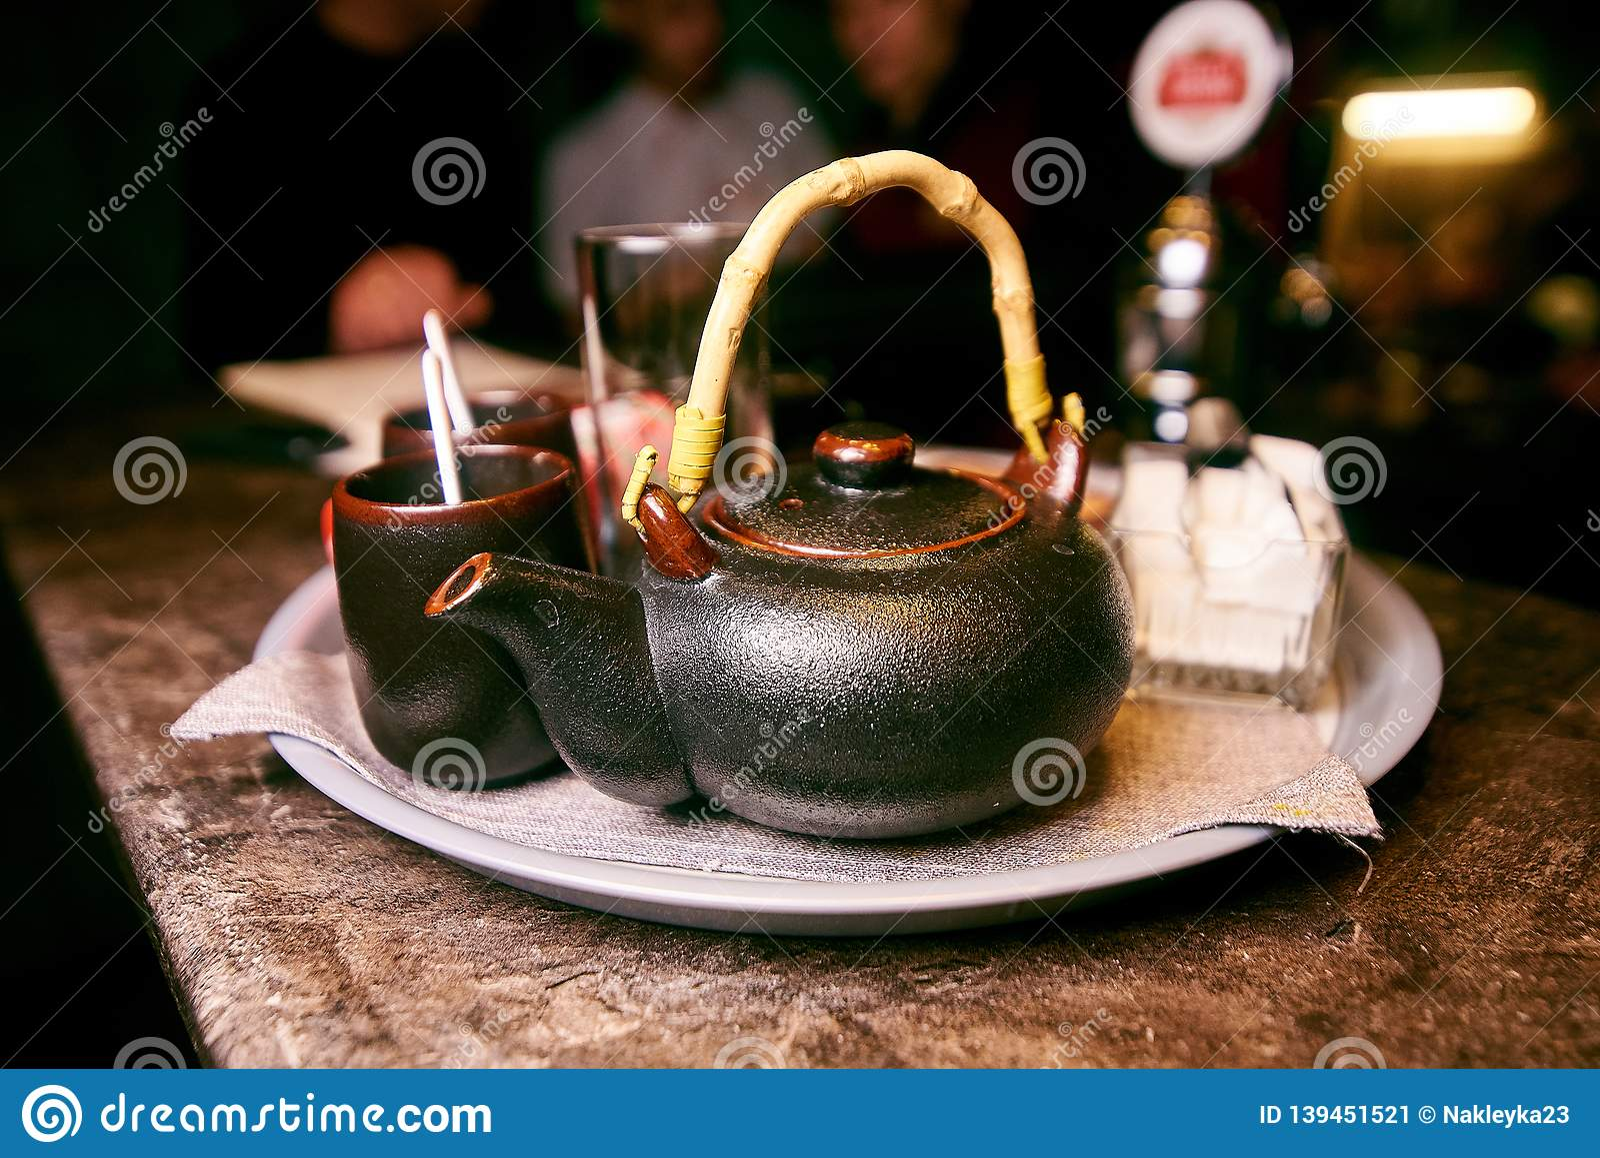 tea set brown with mugs and sugar